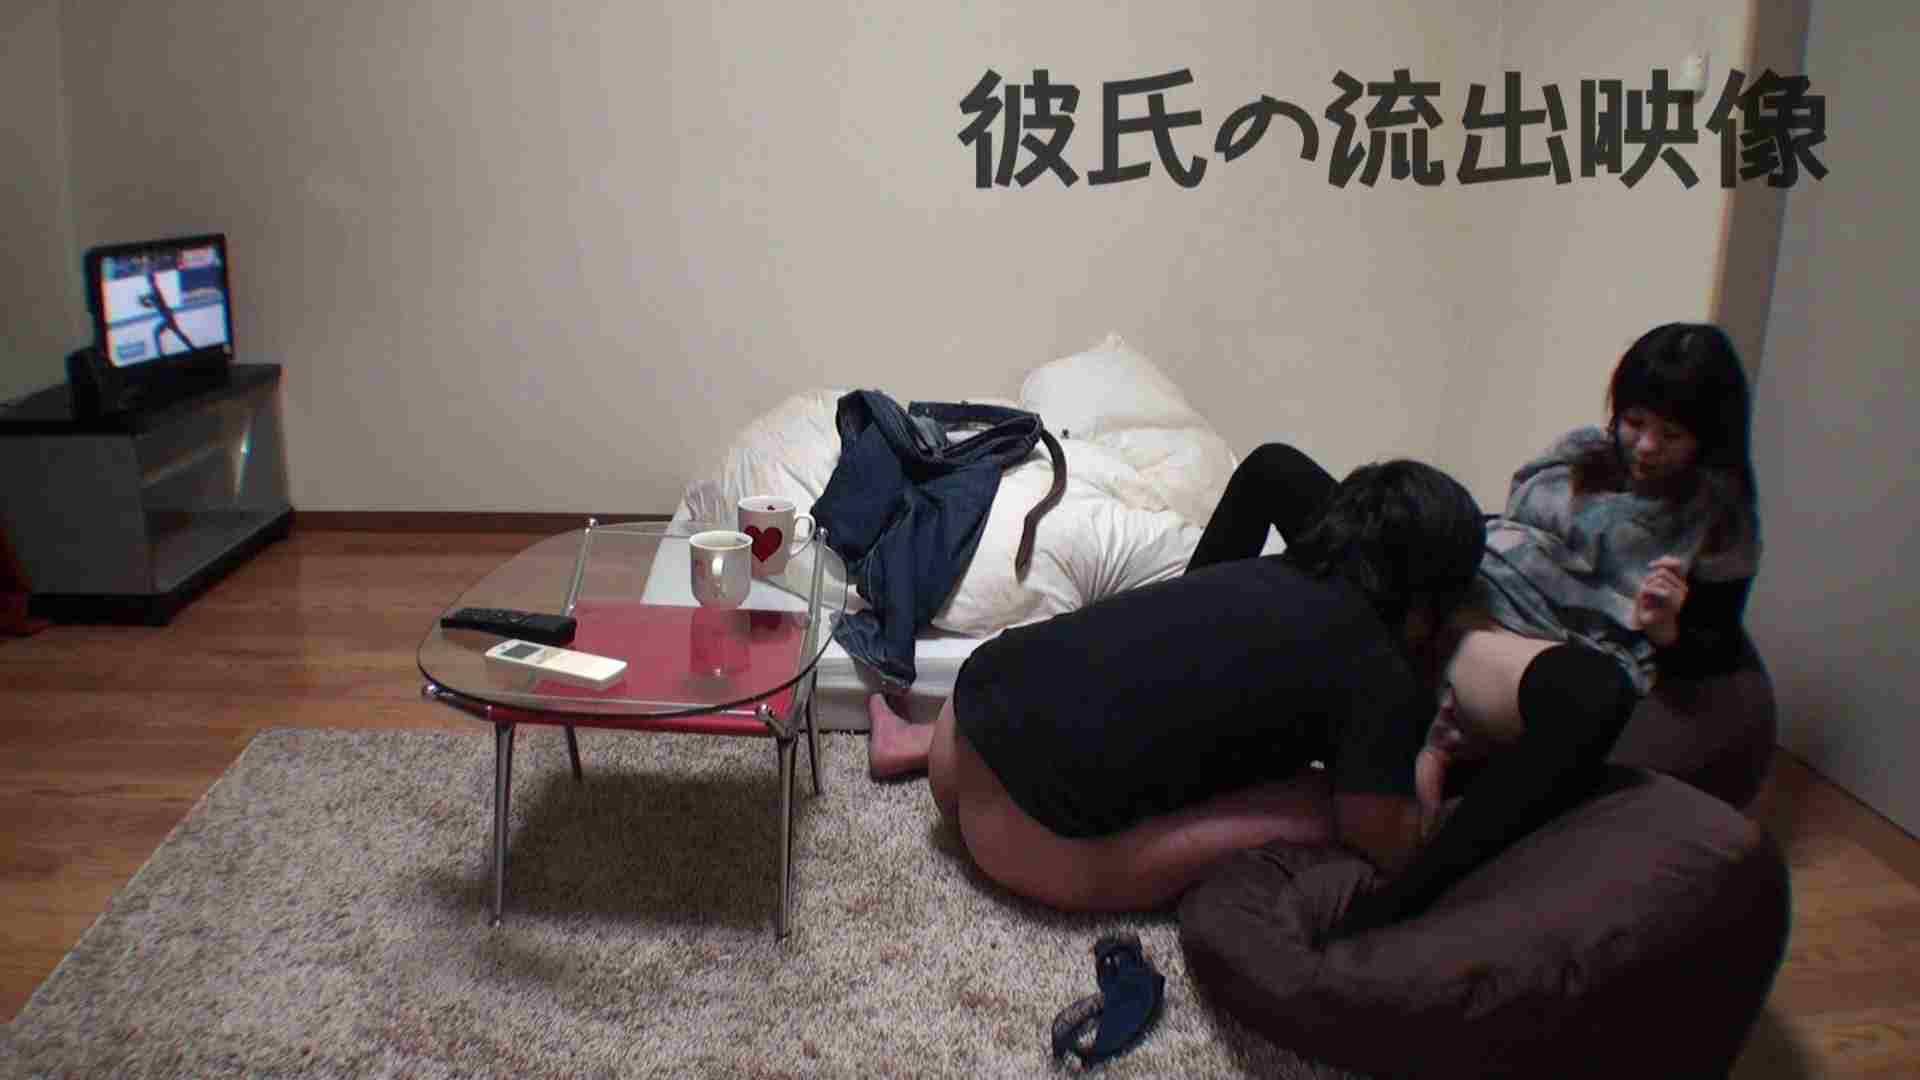 彼氏が流出 パイパン素人嬢のハメ撮り映像02 一般投稿 | ギャル達のSEX  61画像 14